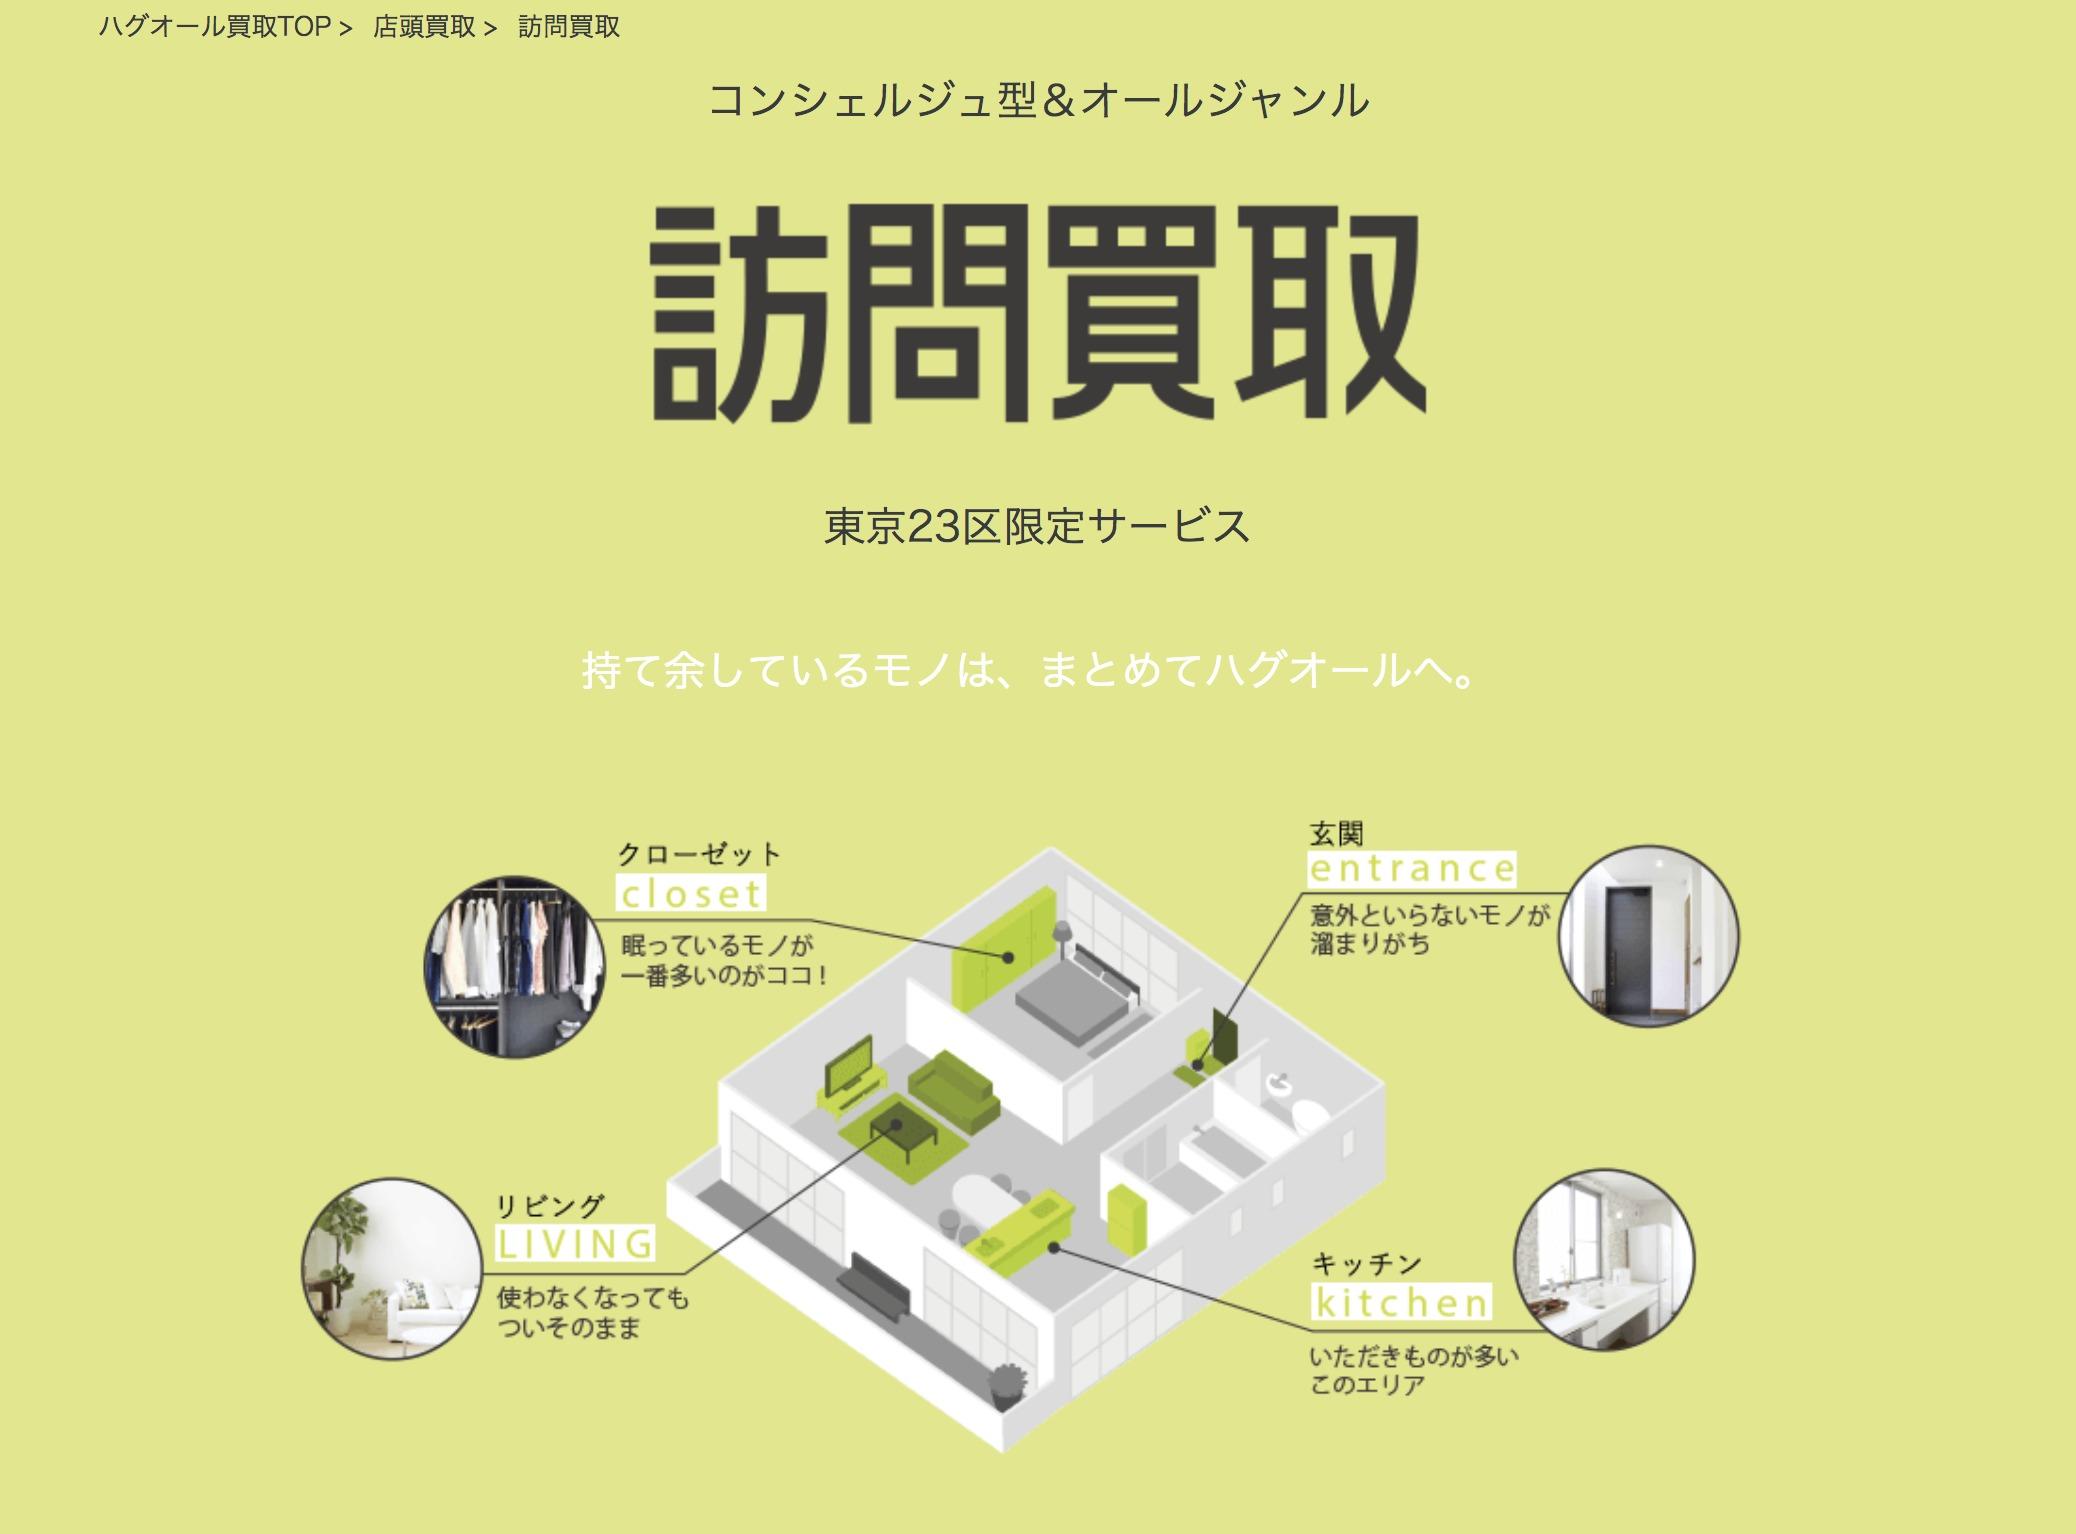 59平米→55平米へ 住まいのダウンサイジング。「捨てる」以外の手放し方6選(前編)